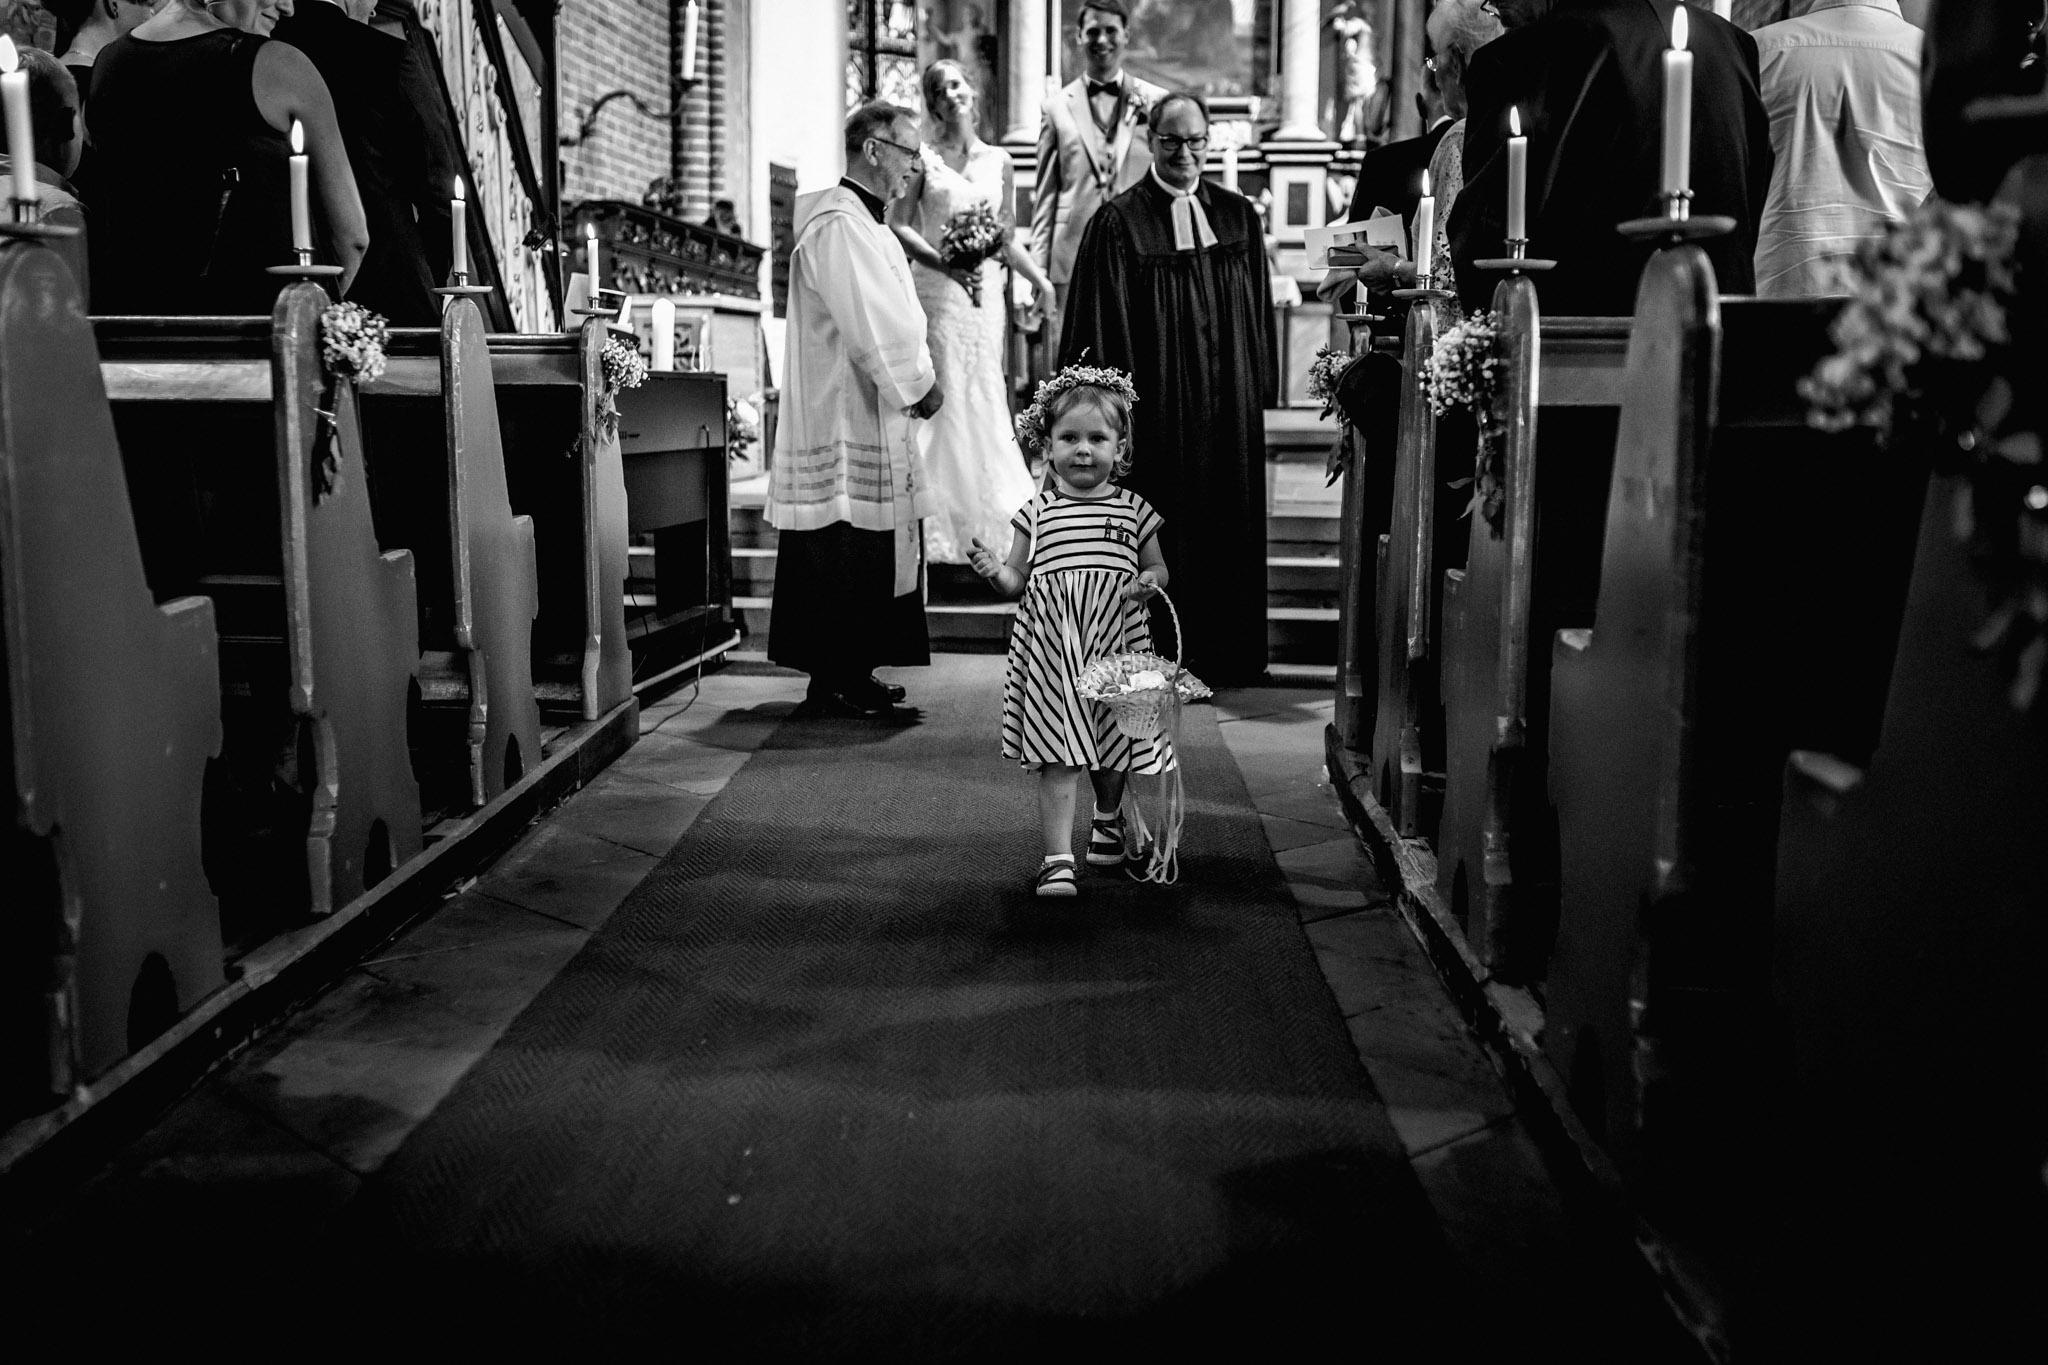 Sven Schomburg Hochzeitsfotografie, Hamburg, Mölln, Hochzeitsfieber by Photo-Schomburg, Hochzeitsreportage, Forsthaus Waldhusen, Braut, Bräutigam-43